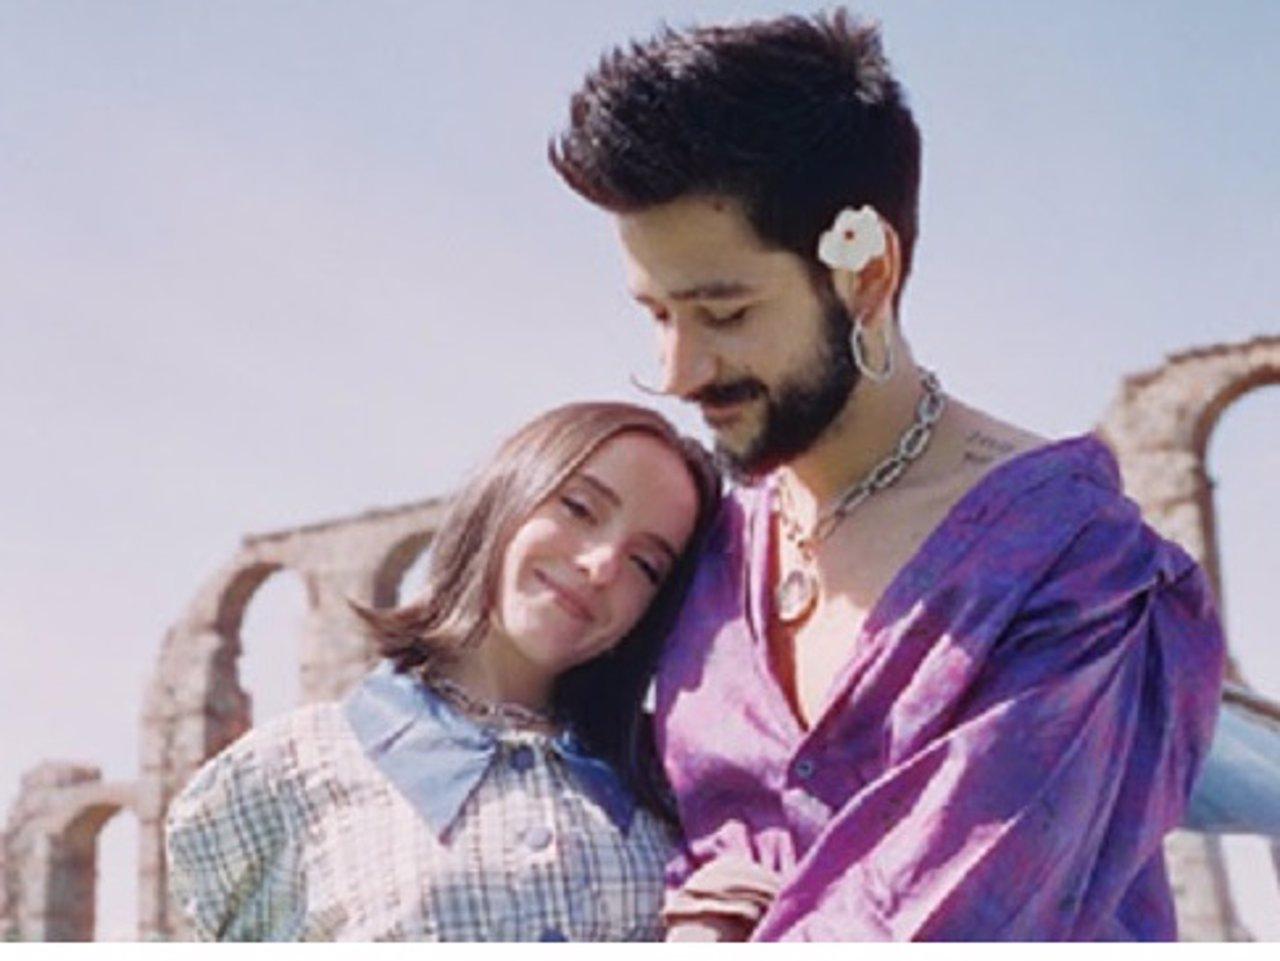 Camilo y Evaluna anuncian con su nueva canción, 'Índigo' ¡que serán padres por primera vez!